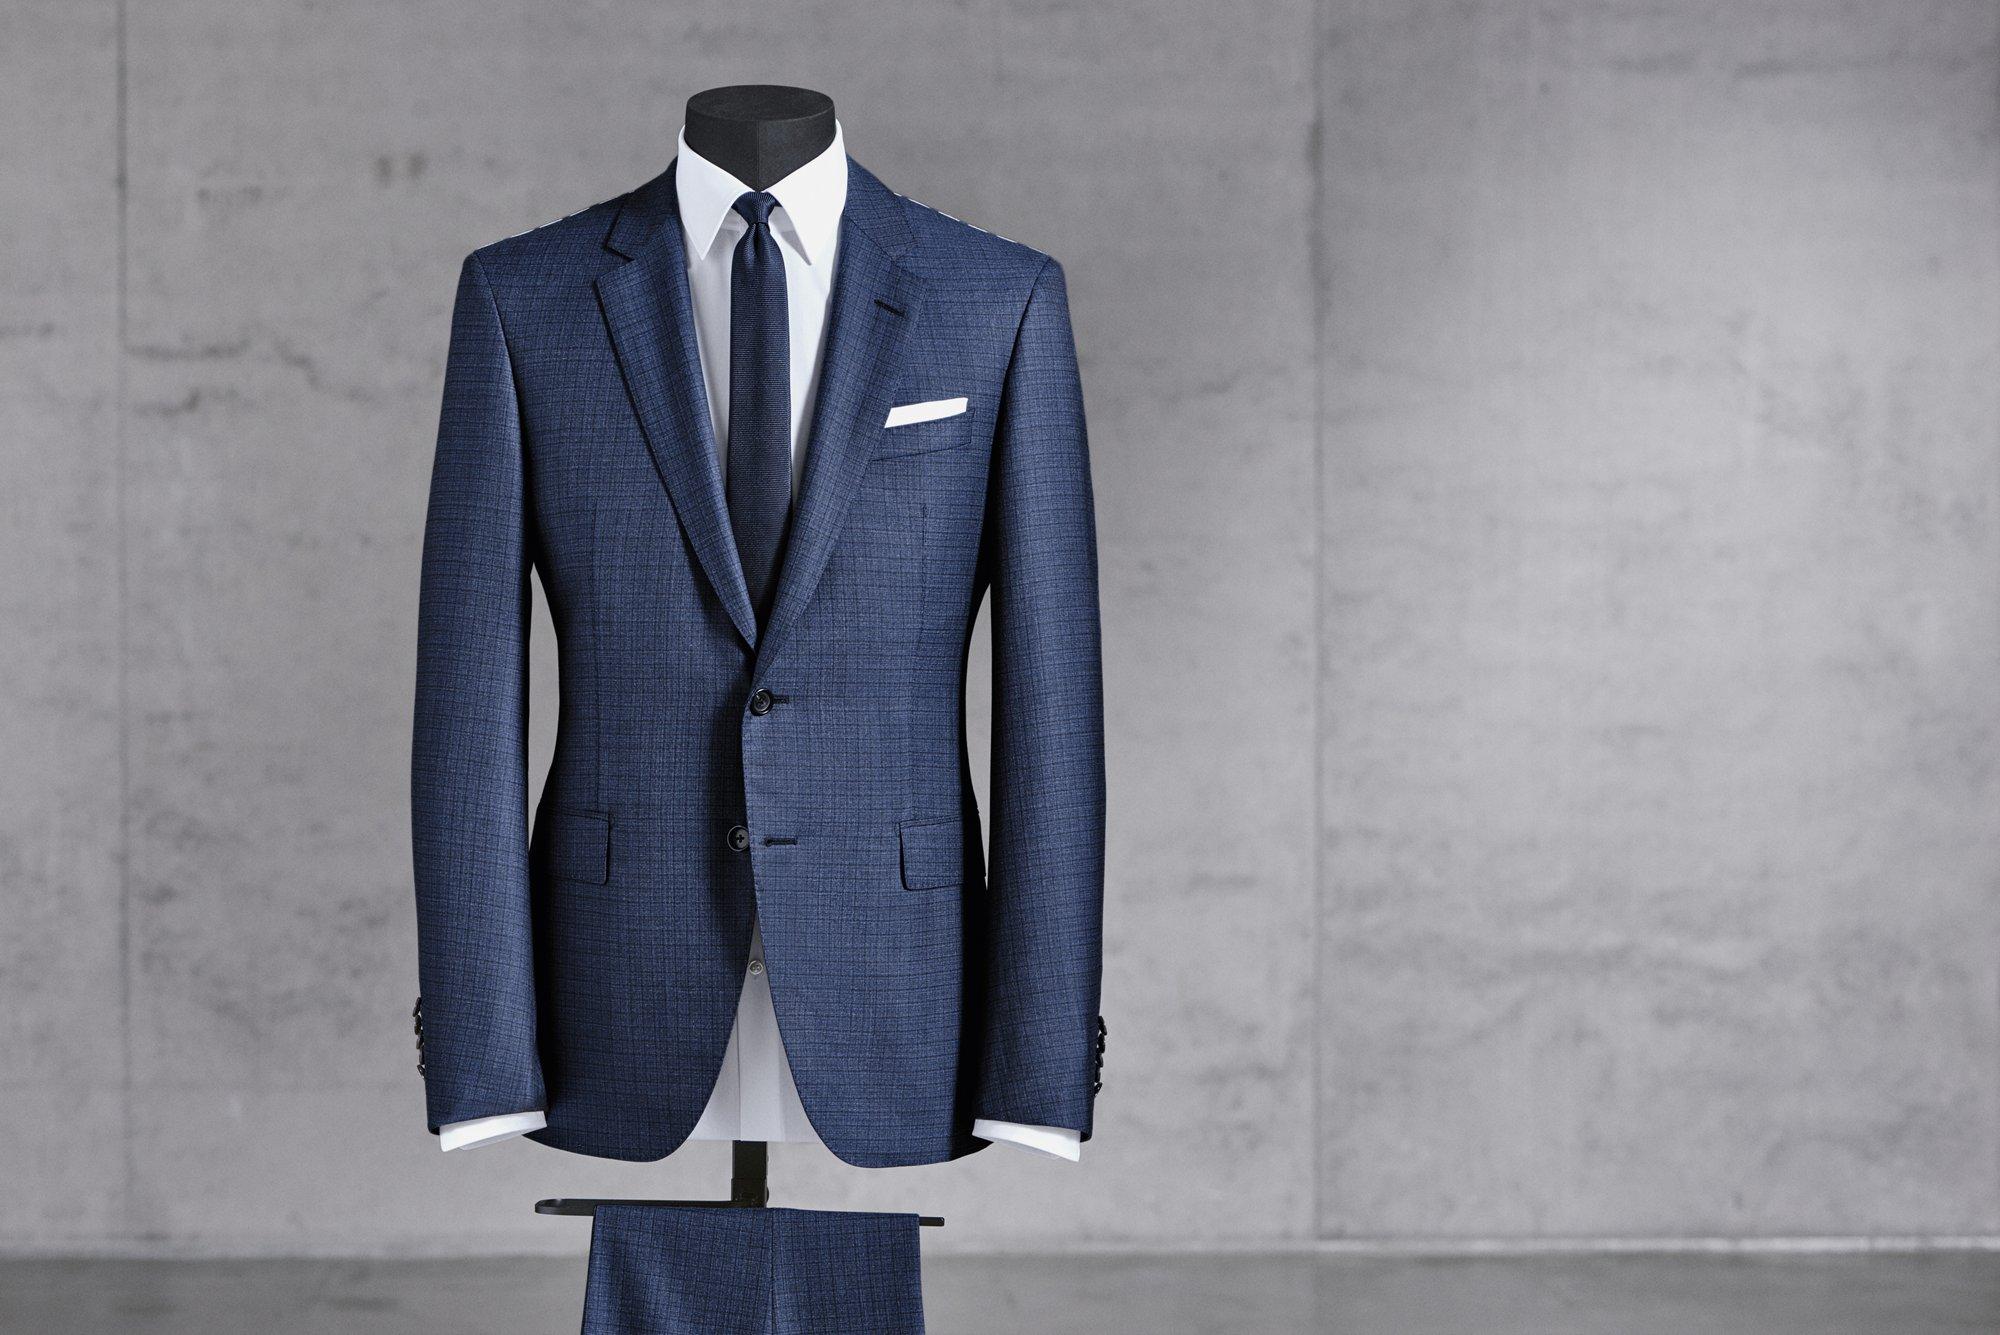 Fertigung von BOSS Anzügen: Halbfertiger Anzug